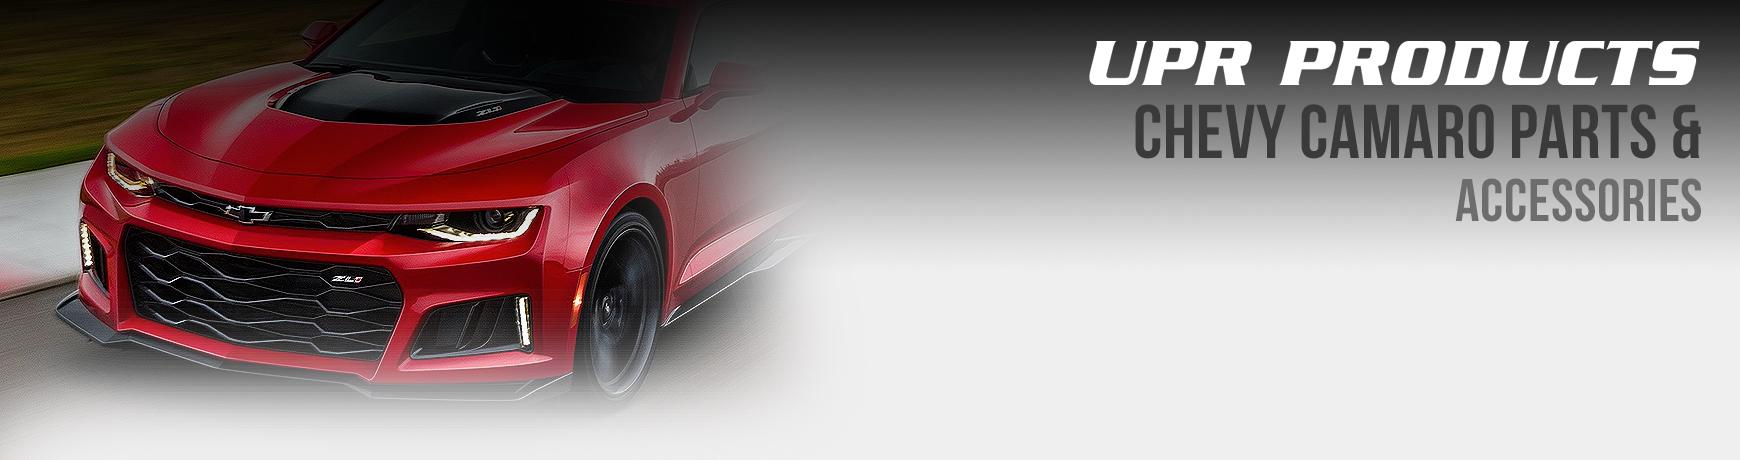 2010-2017-camaro-upr-parts-accessories.jpg